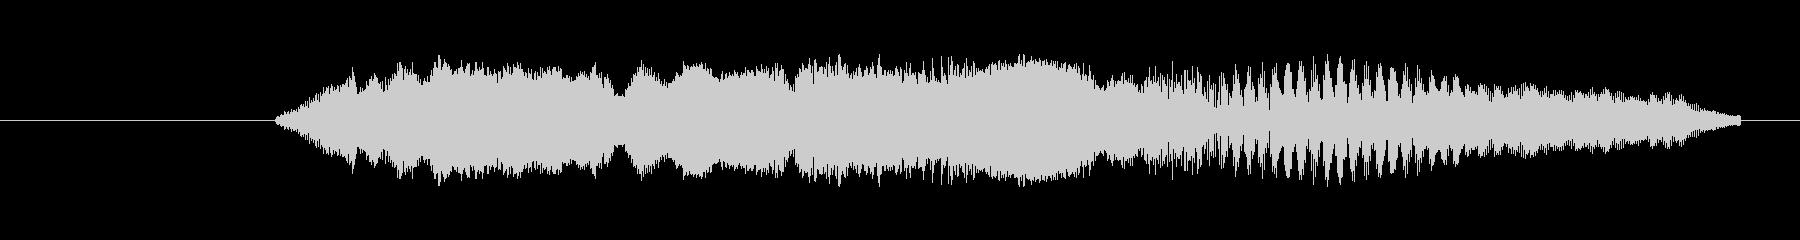 特撮 ハイテクビープ音を確認03の未再生の波形